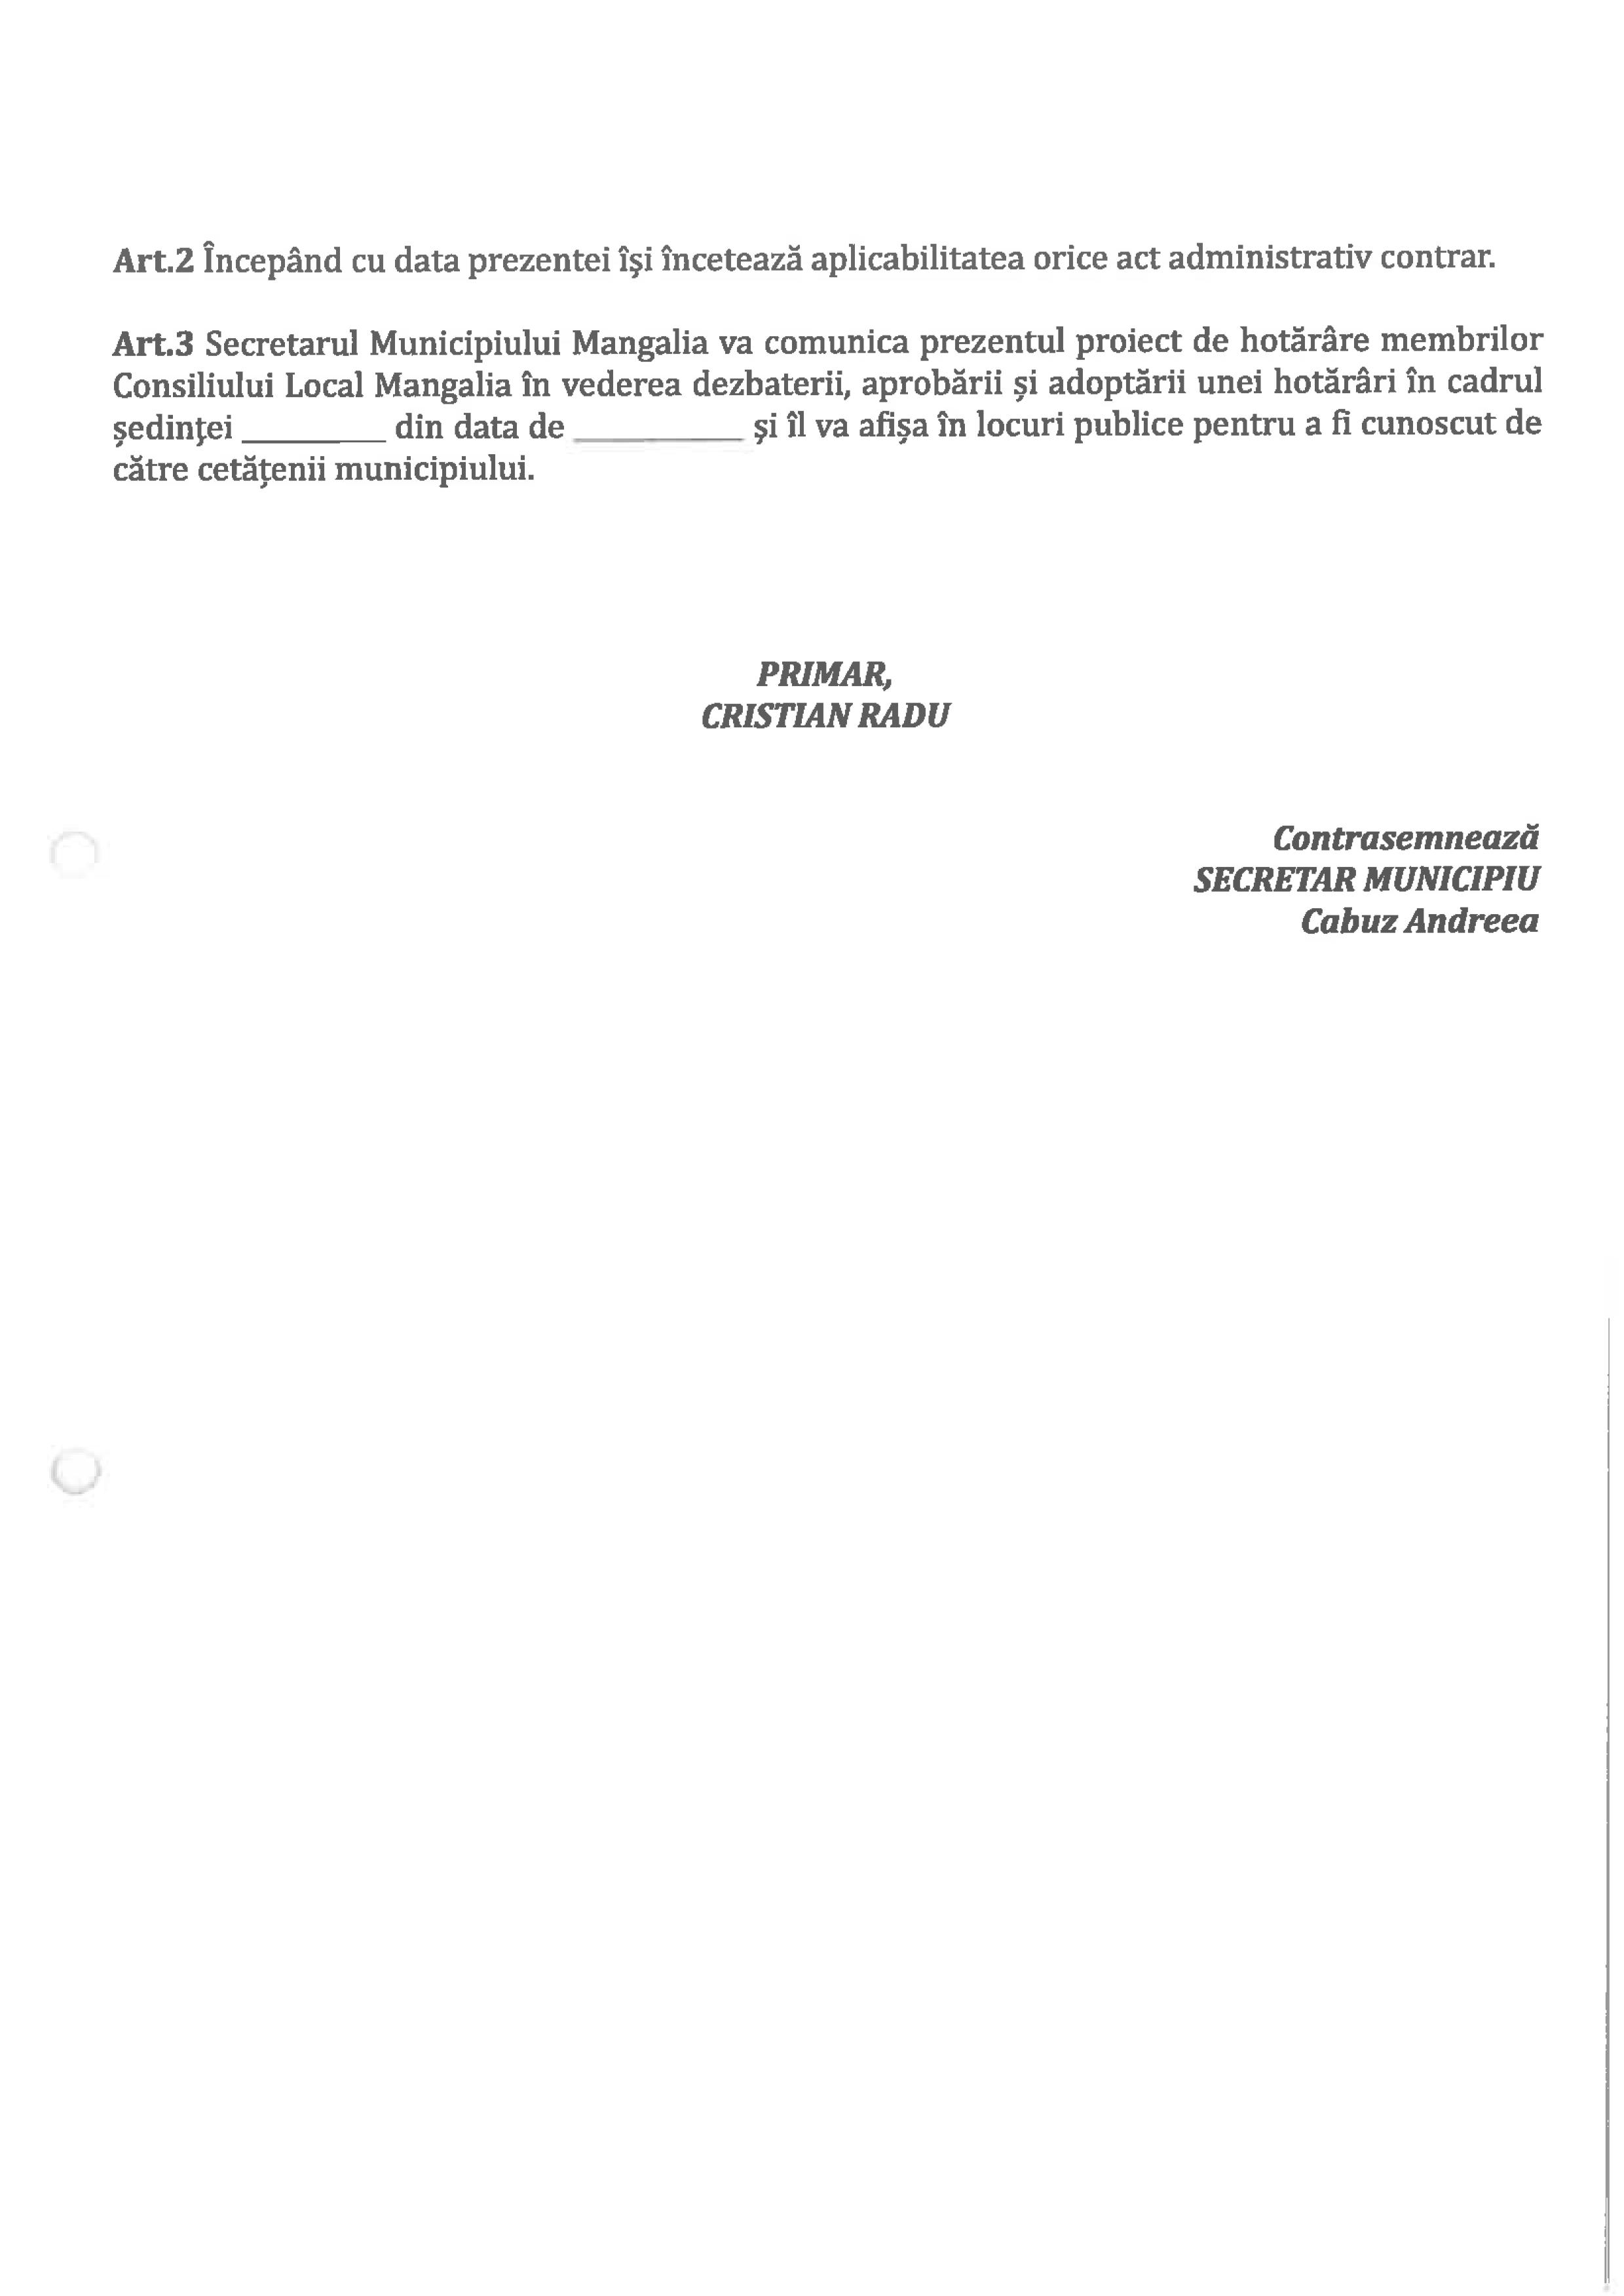 Konica_etaj_1-20180207200453